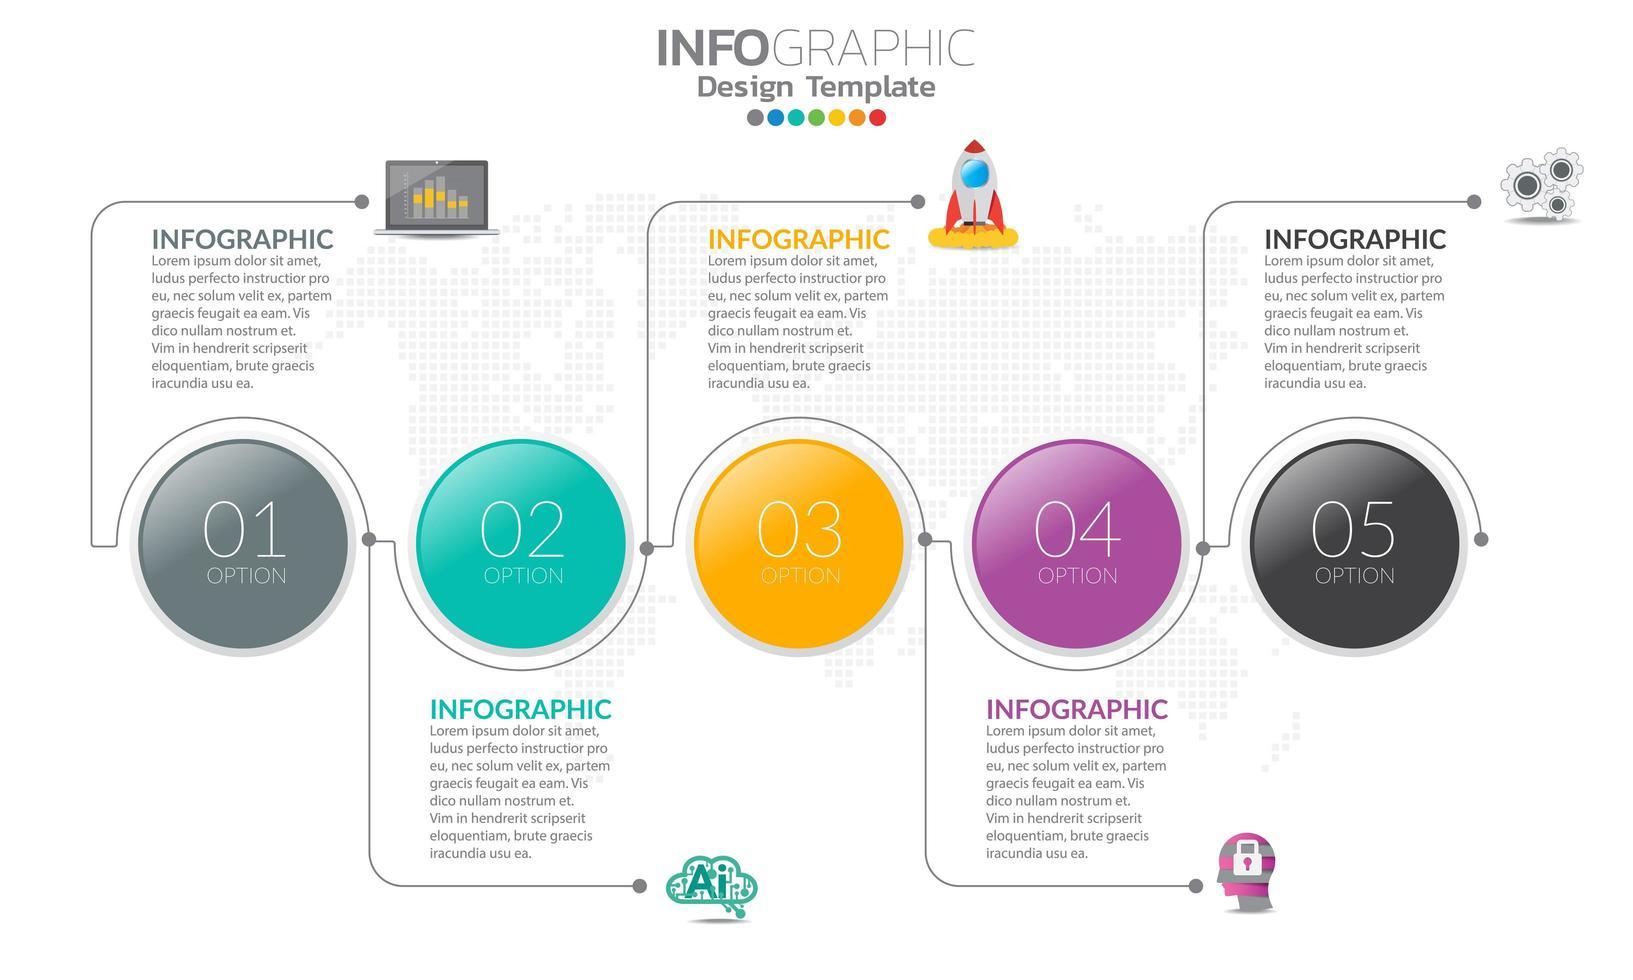 infographics för affärsidé med ikoner vektor